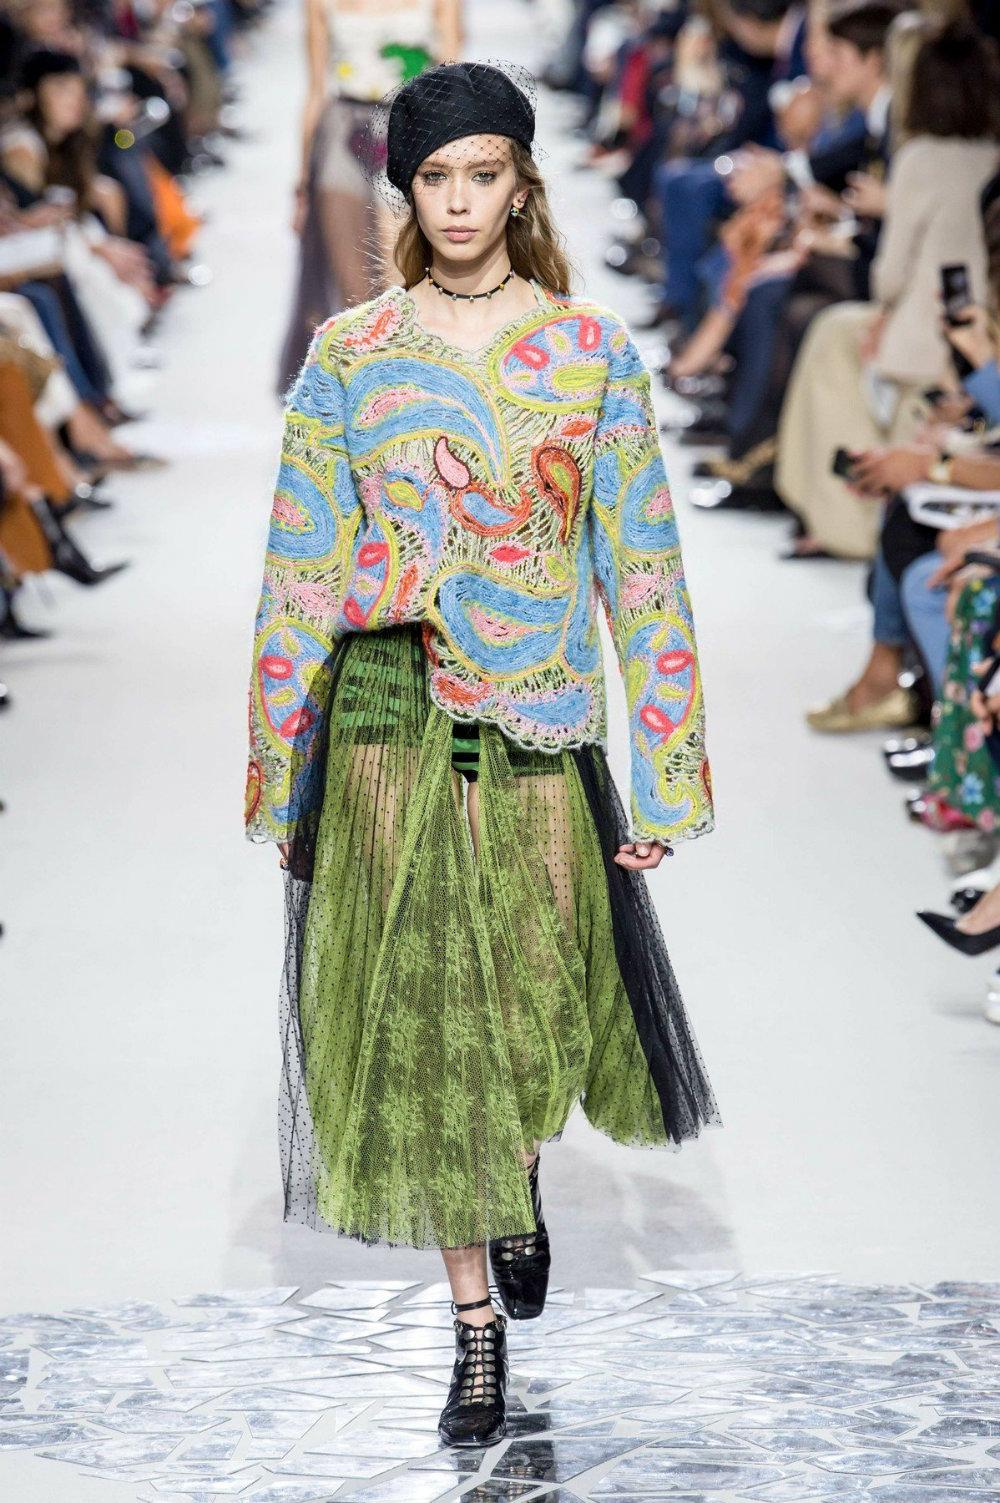 Paris Fashion Week Spring Summer